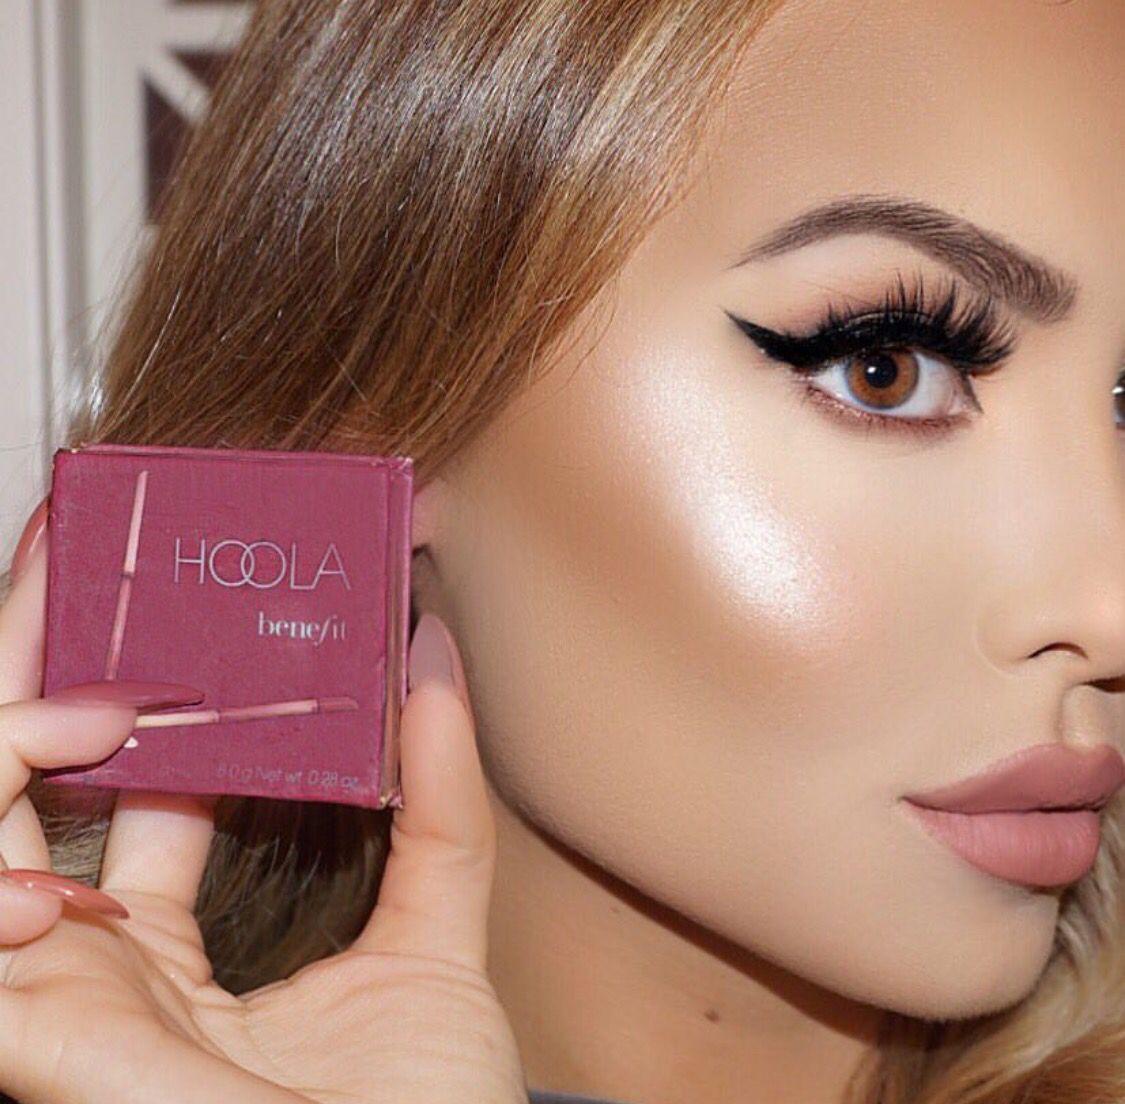 Hoola Benefit Bronzer Makeup Bronzer Makeup Beauty